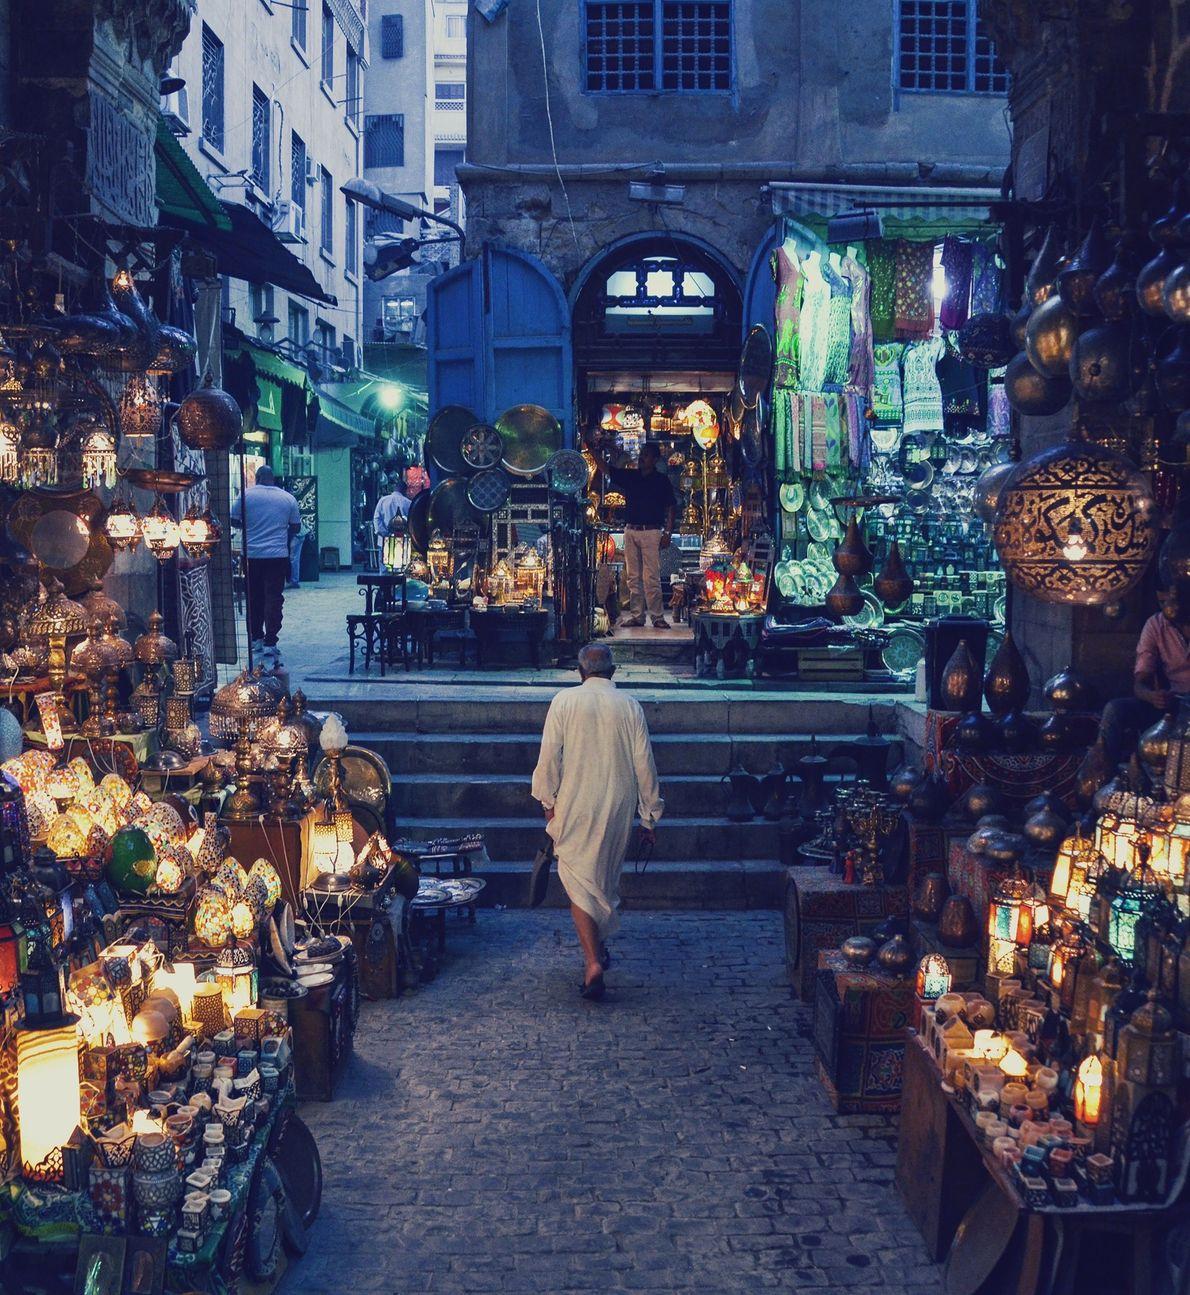 Cairo é uma cidade barulhenta e cheia, mas esta imagem silenciosa revela a calma que pode ...